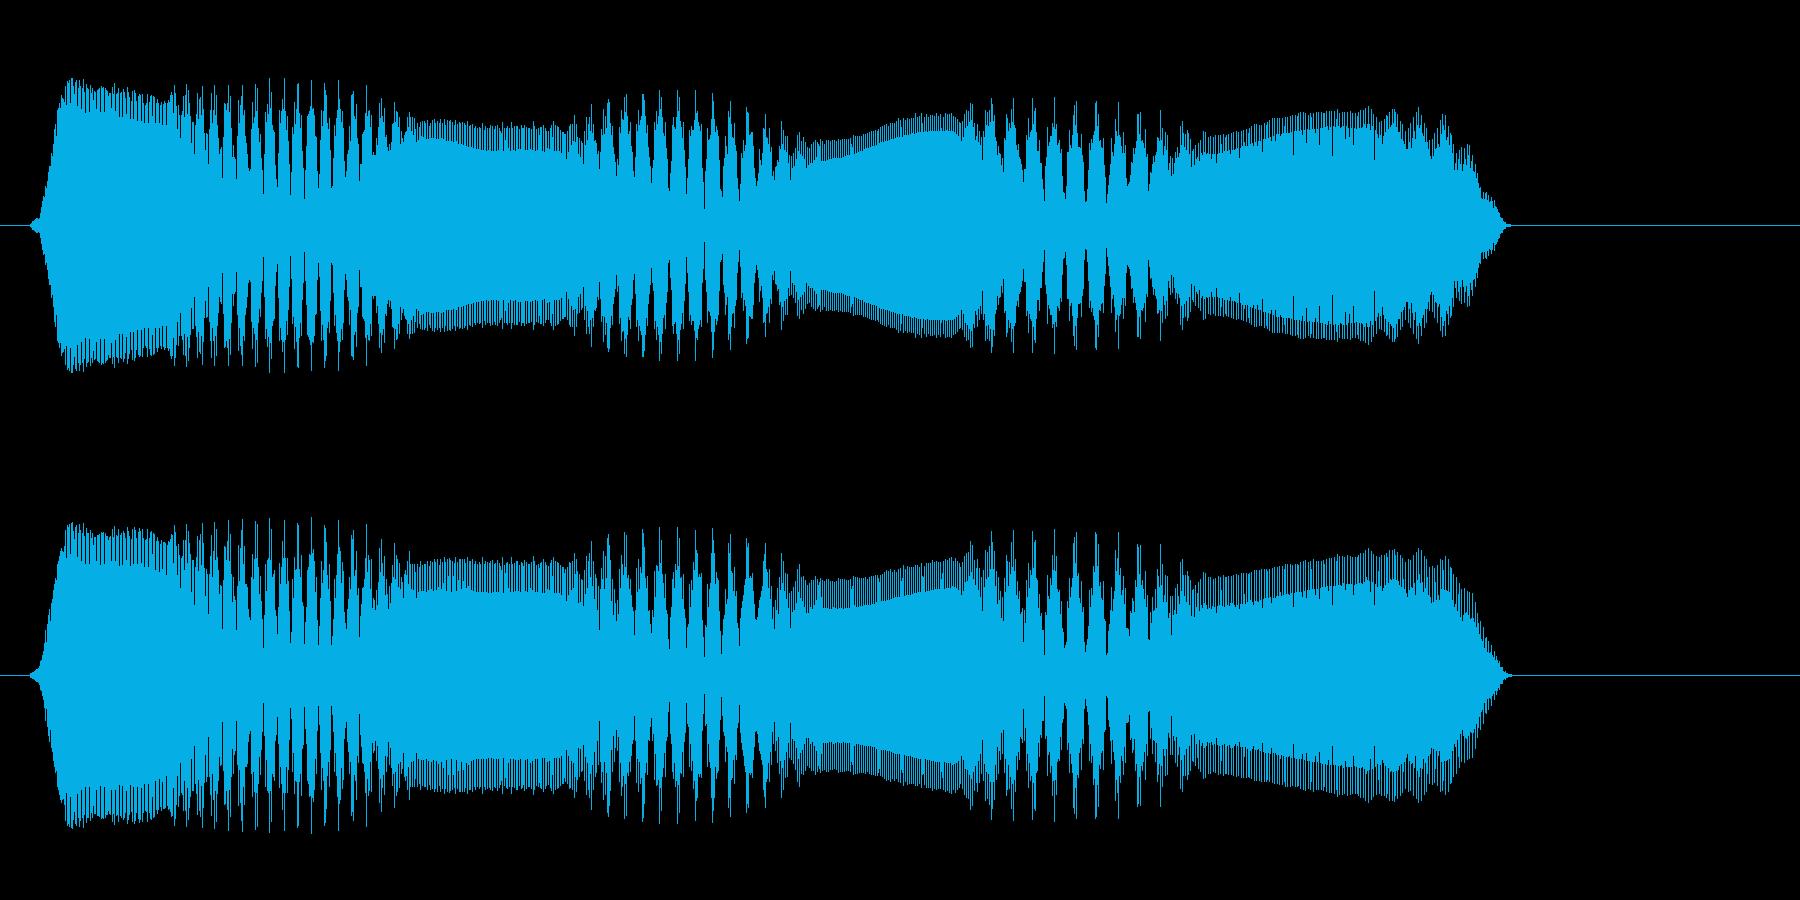 ピュロロ(高音 電子音)の再生済みの波形